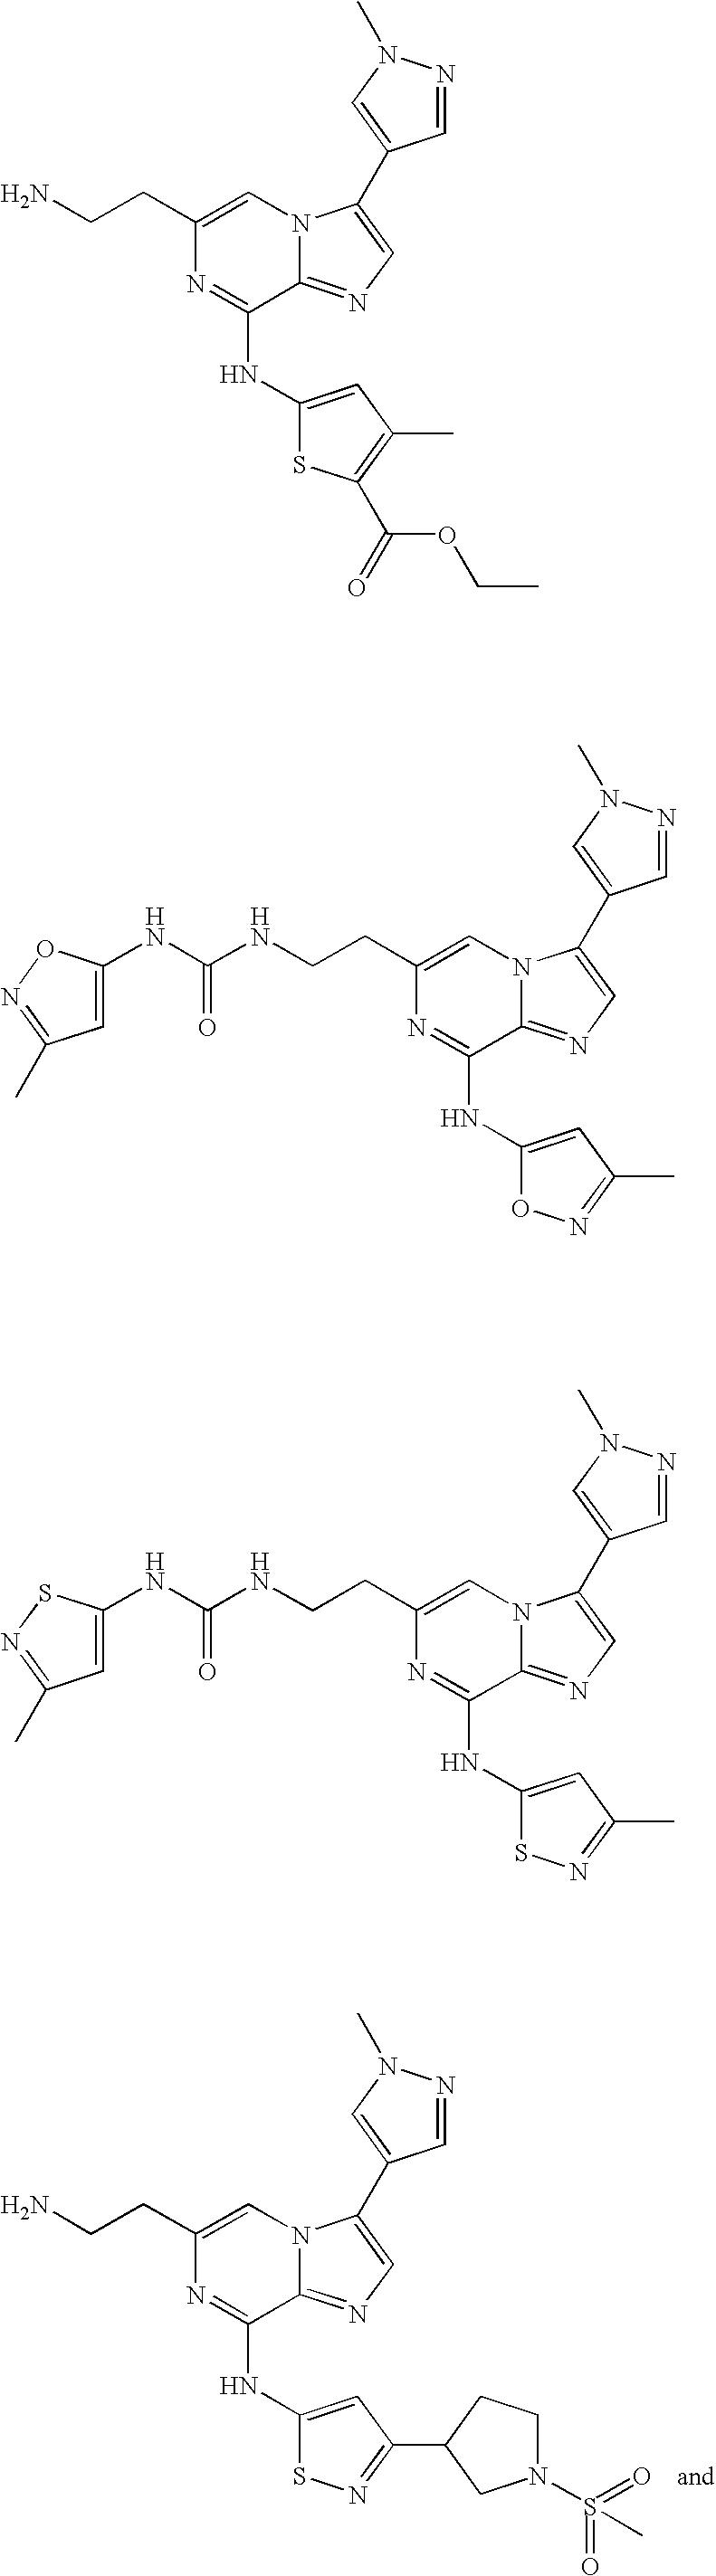 Figure US20070117804A1-20070524-C00080